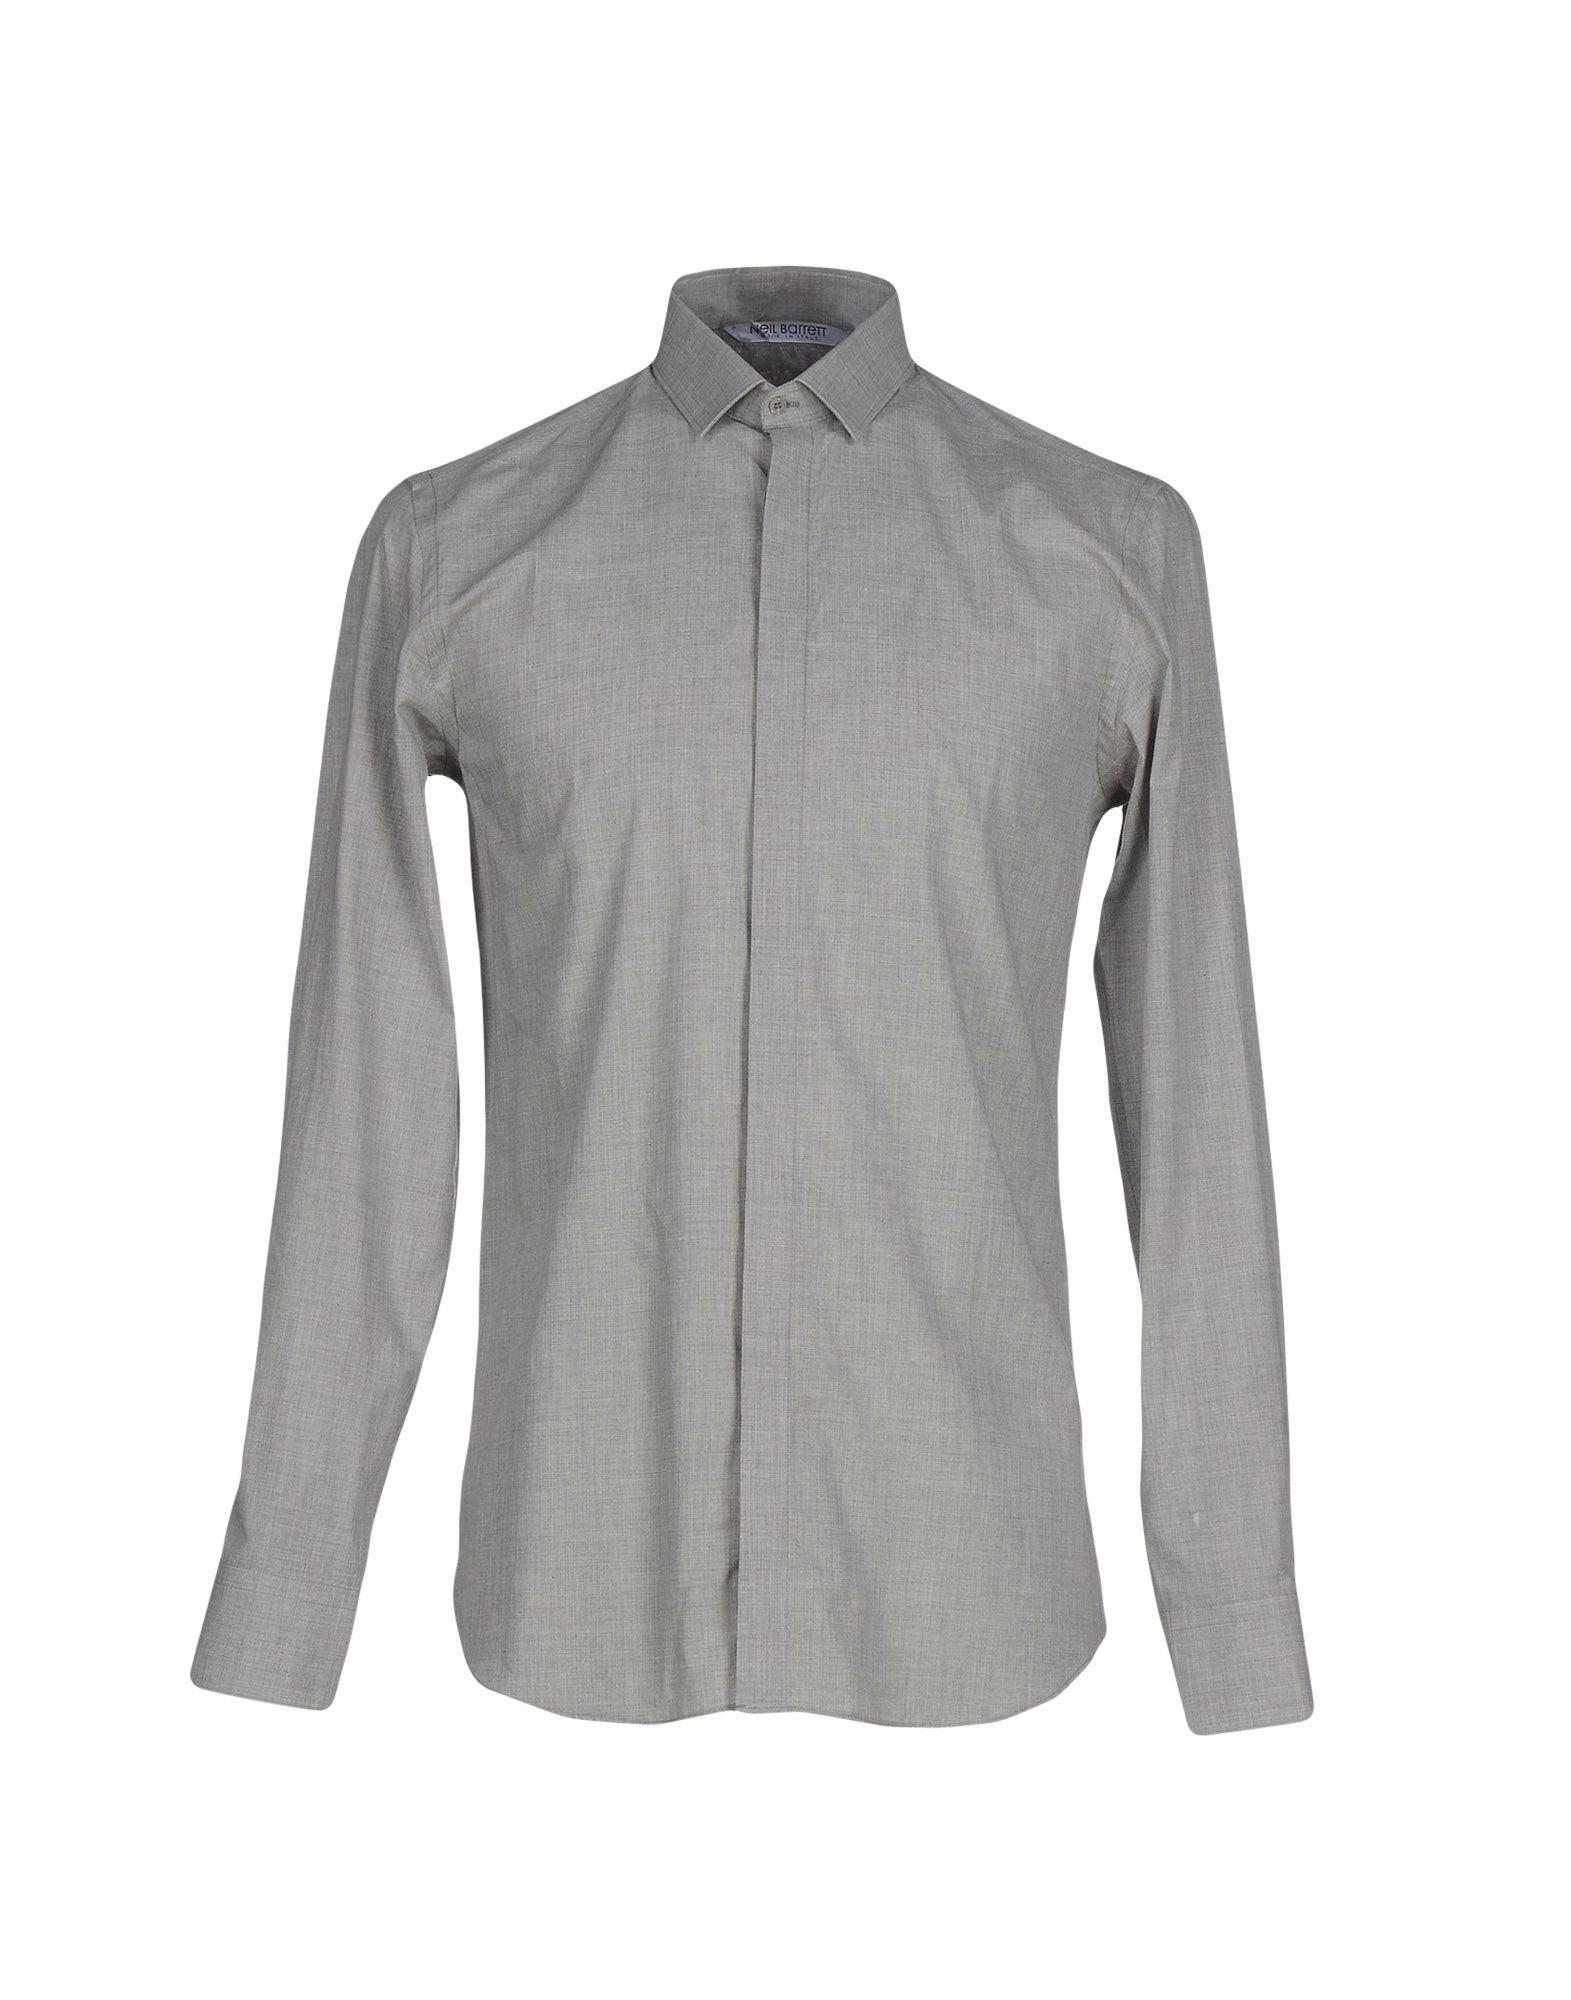 Lyst neil barrett shirt in gray for men for Neil barrett tuxedo shirt